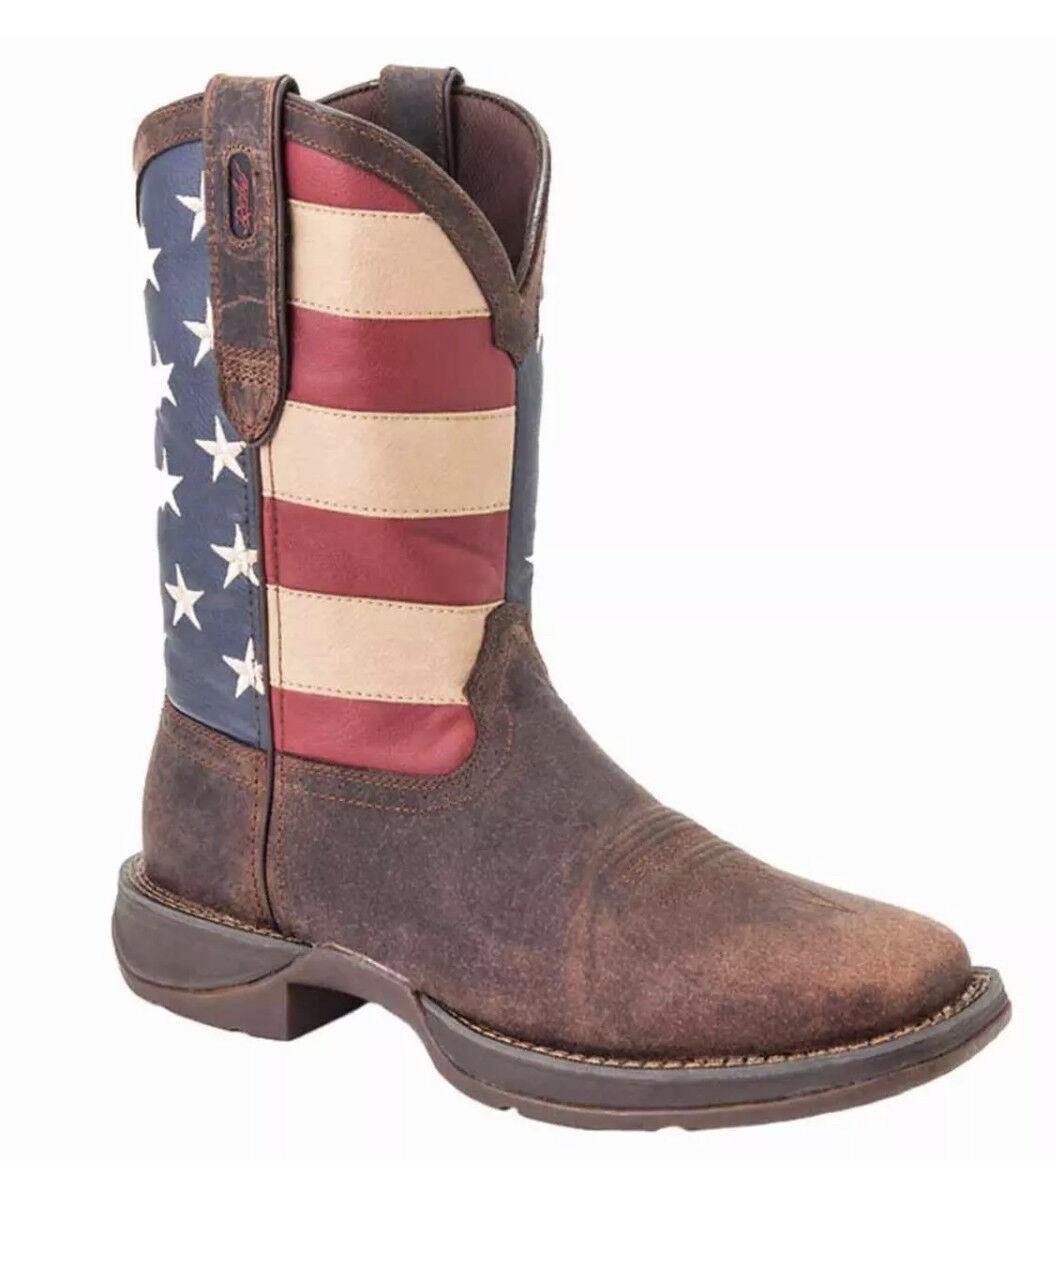 Durango para hombre Rebel DB5554 Patriótico S Toe Plena Flor botas occidental de cuero 10 D